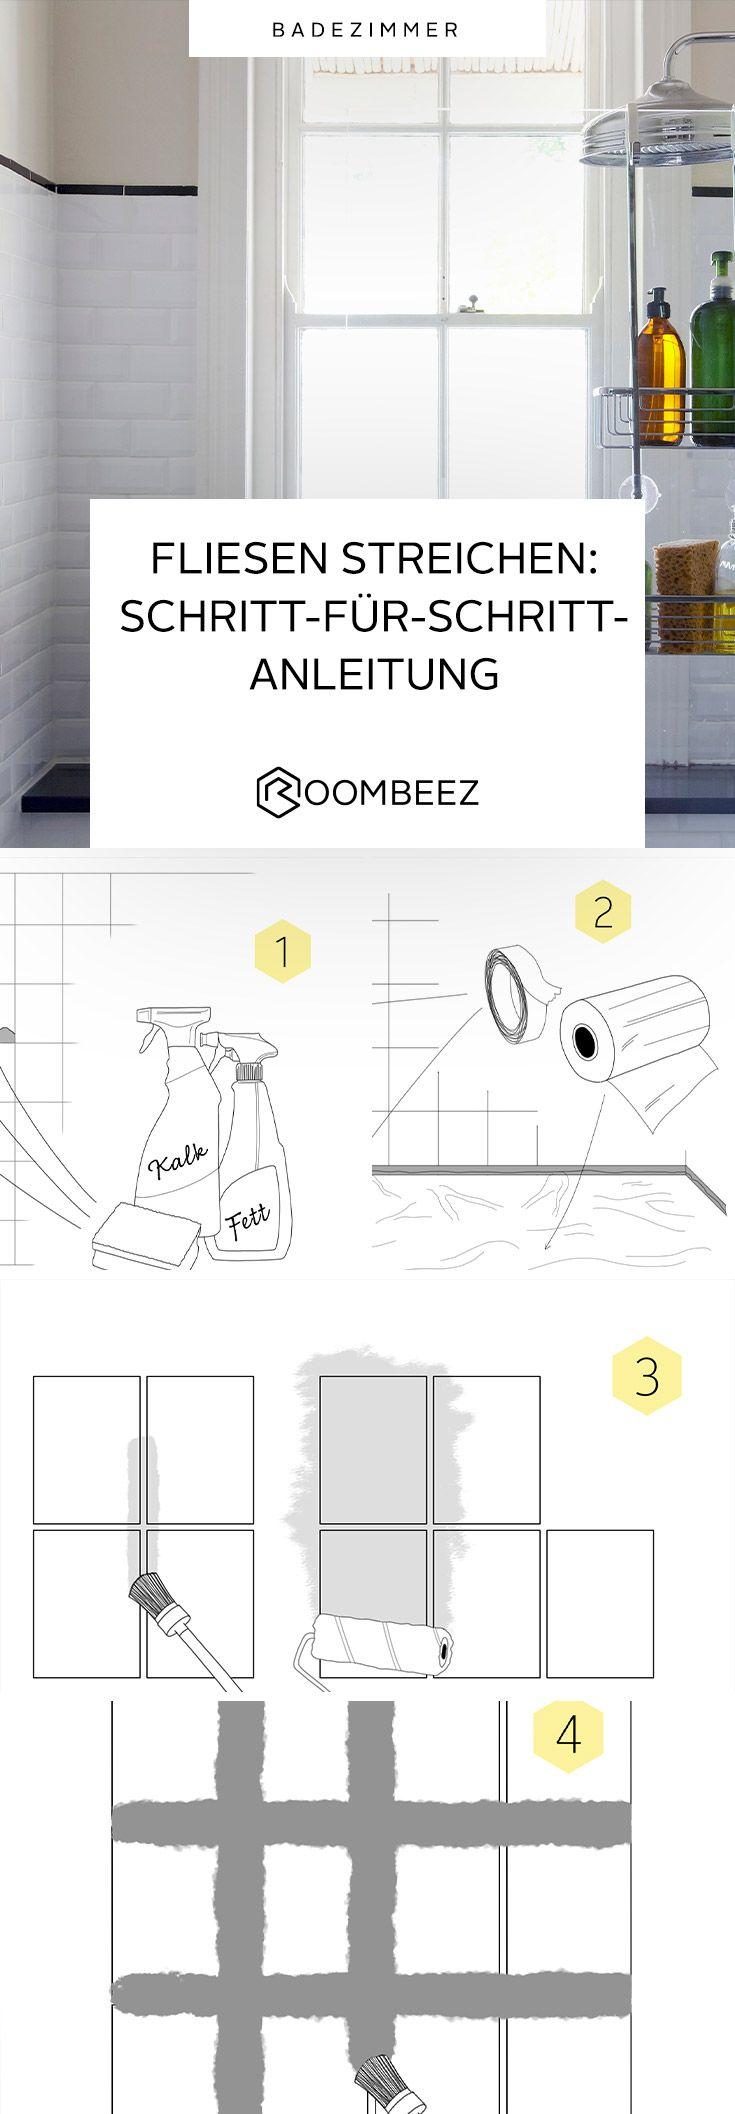 Fliesen Streichen Tipps Fur Die Fliesen Gestaltung In 2020 Fliesen Streichen Badezimmer Streichen Fliesen